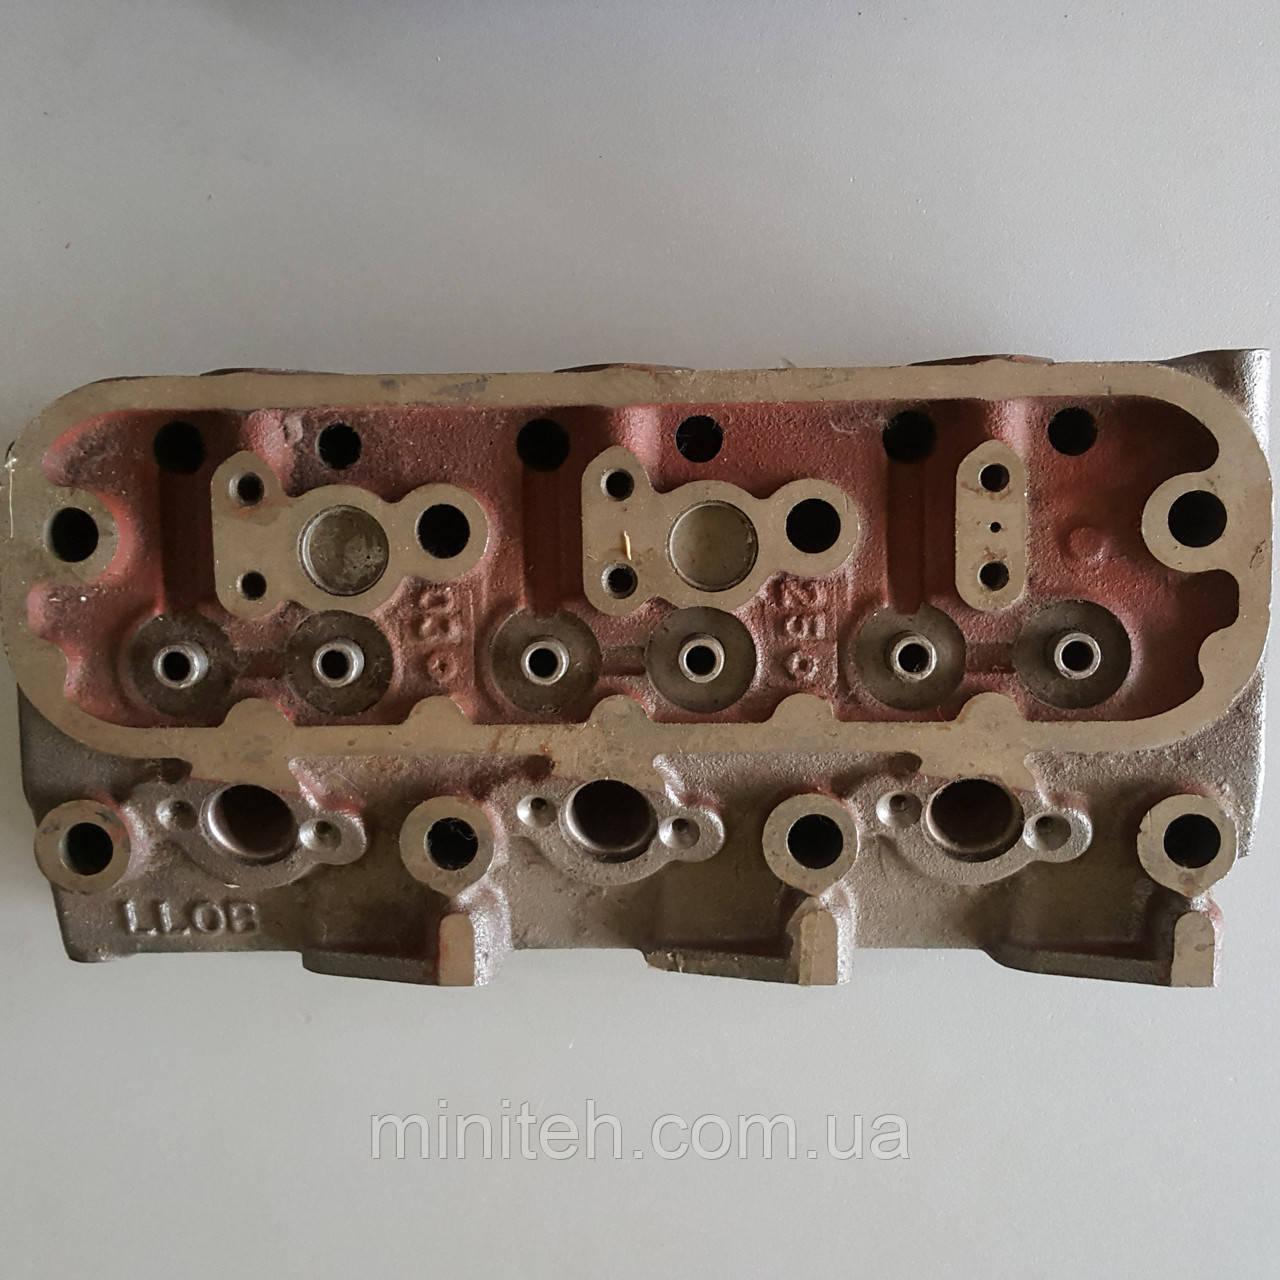 Головка блока цилиндров двигателя КМ385ВТ